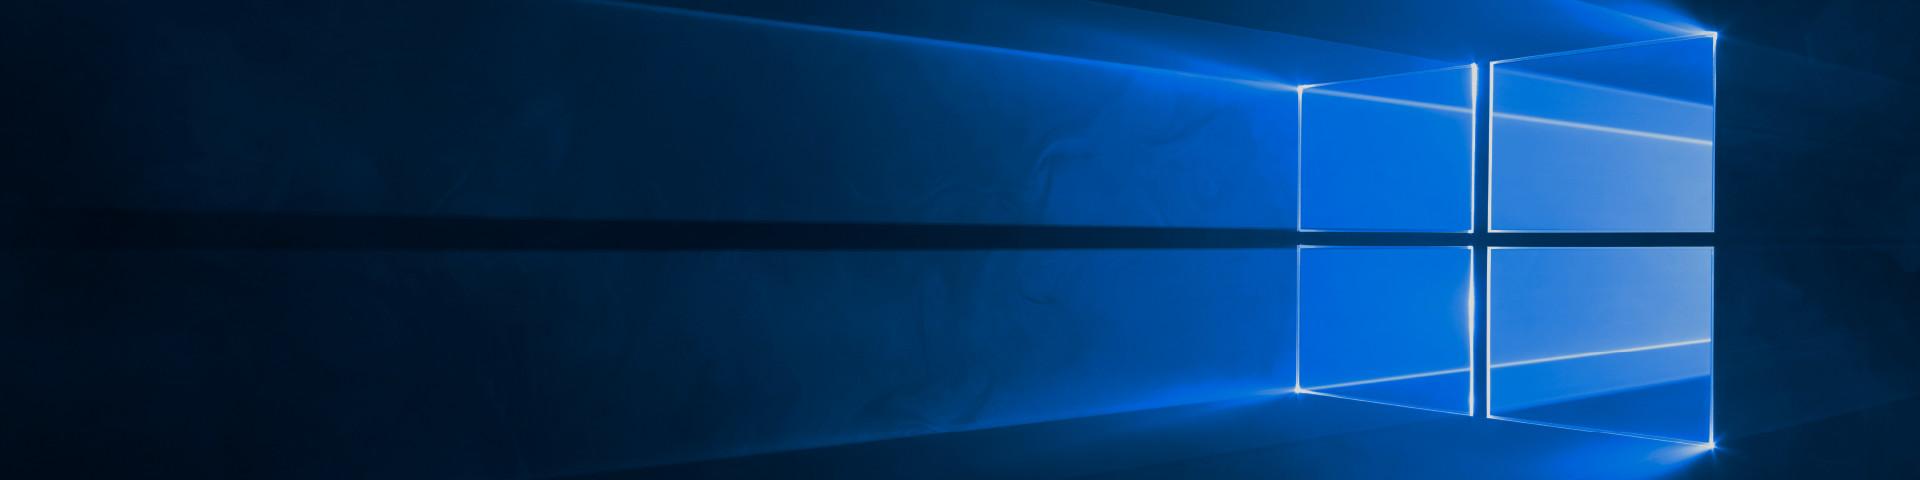 Raggi di luce che attraversano una finestra, acquista e scarica Windows 10